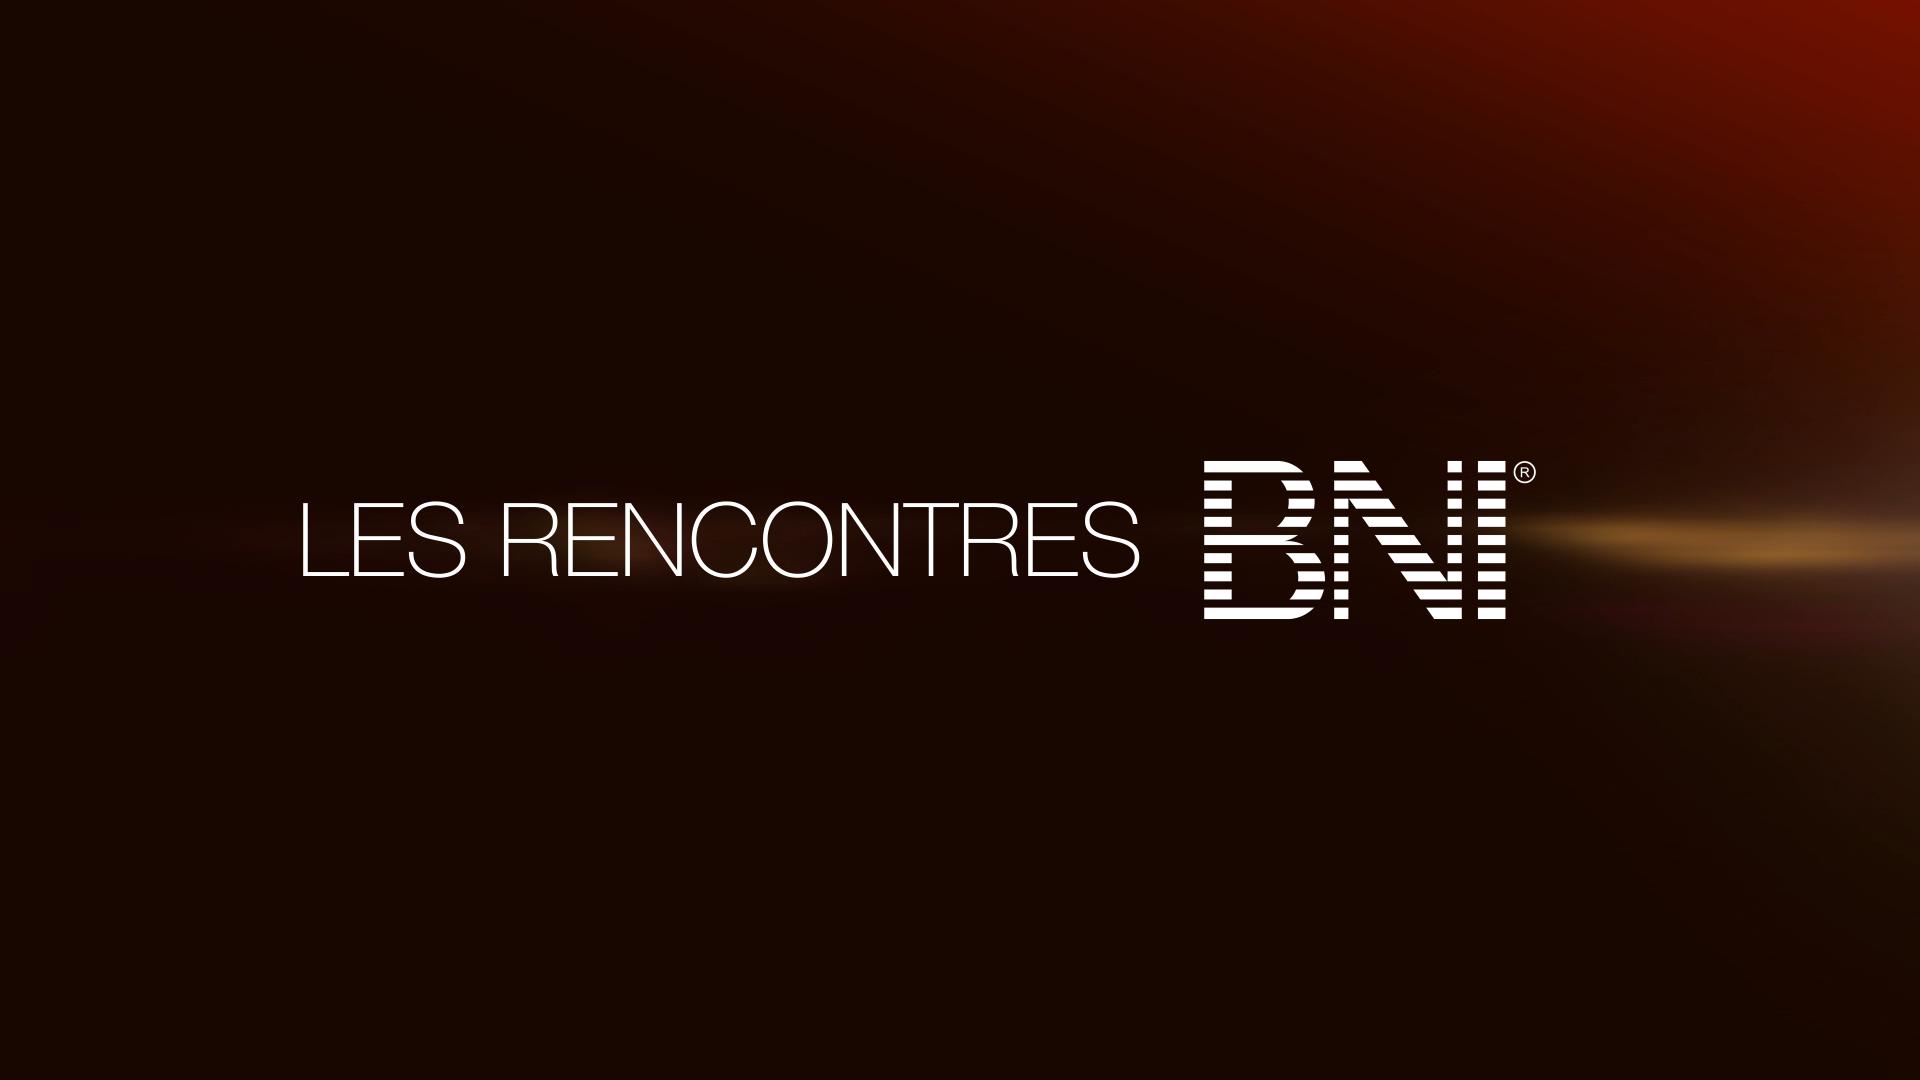 Image de l'emission Les Rencontres BNI